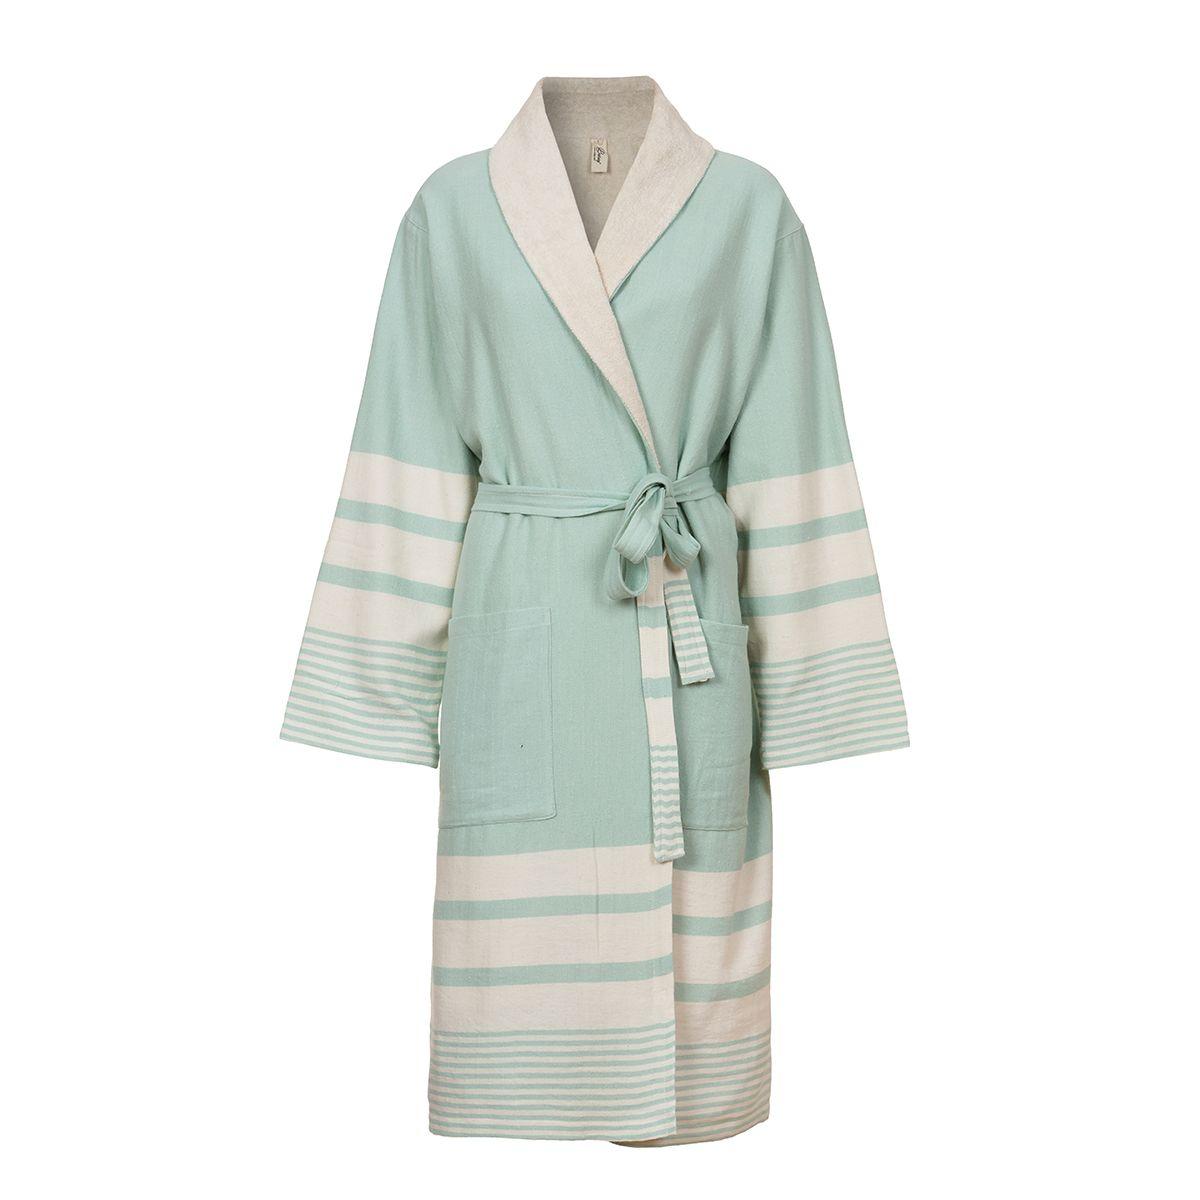 Bathrobe Tabiat with towel - Mint